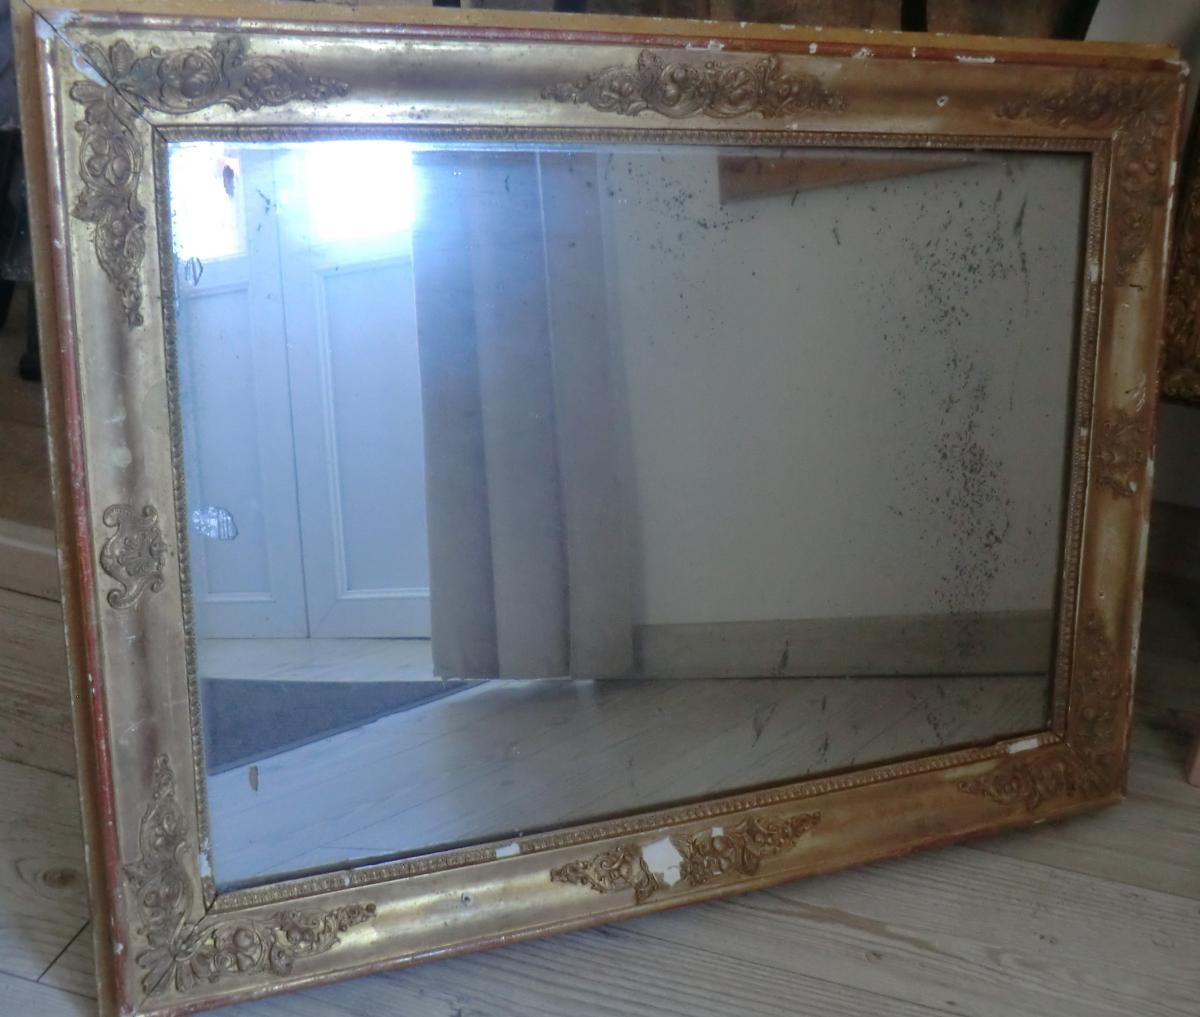 Miroir Epoque Restauration Glace Au Mercure